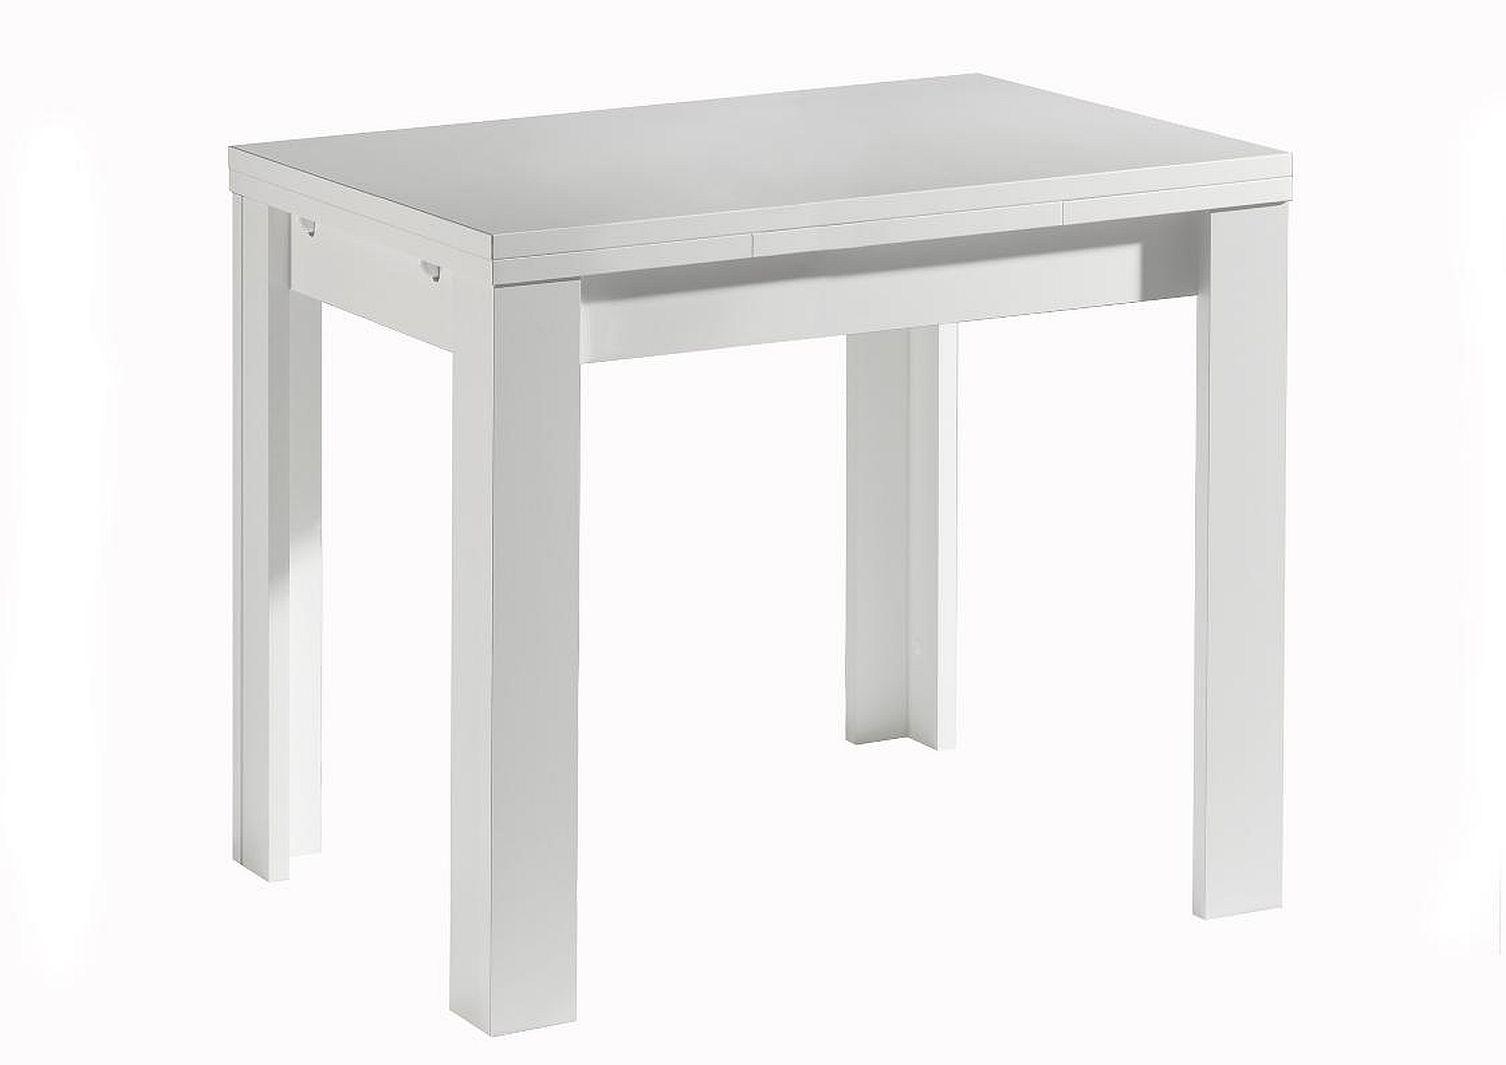 Tisch esstische weiss modern erweiterbar ausziehbar for Platzsparender esstisch